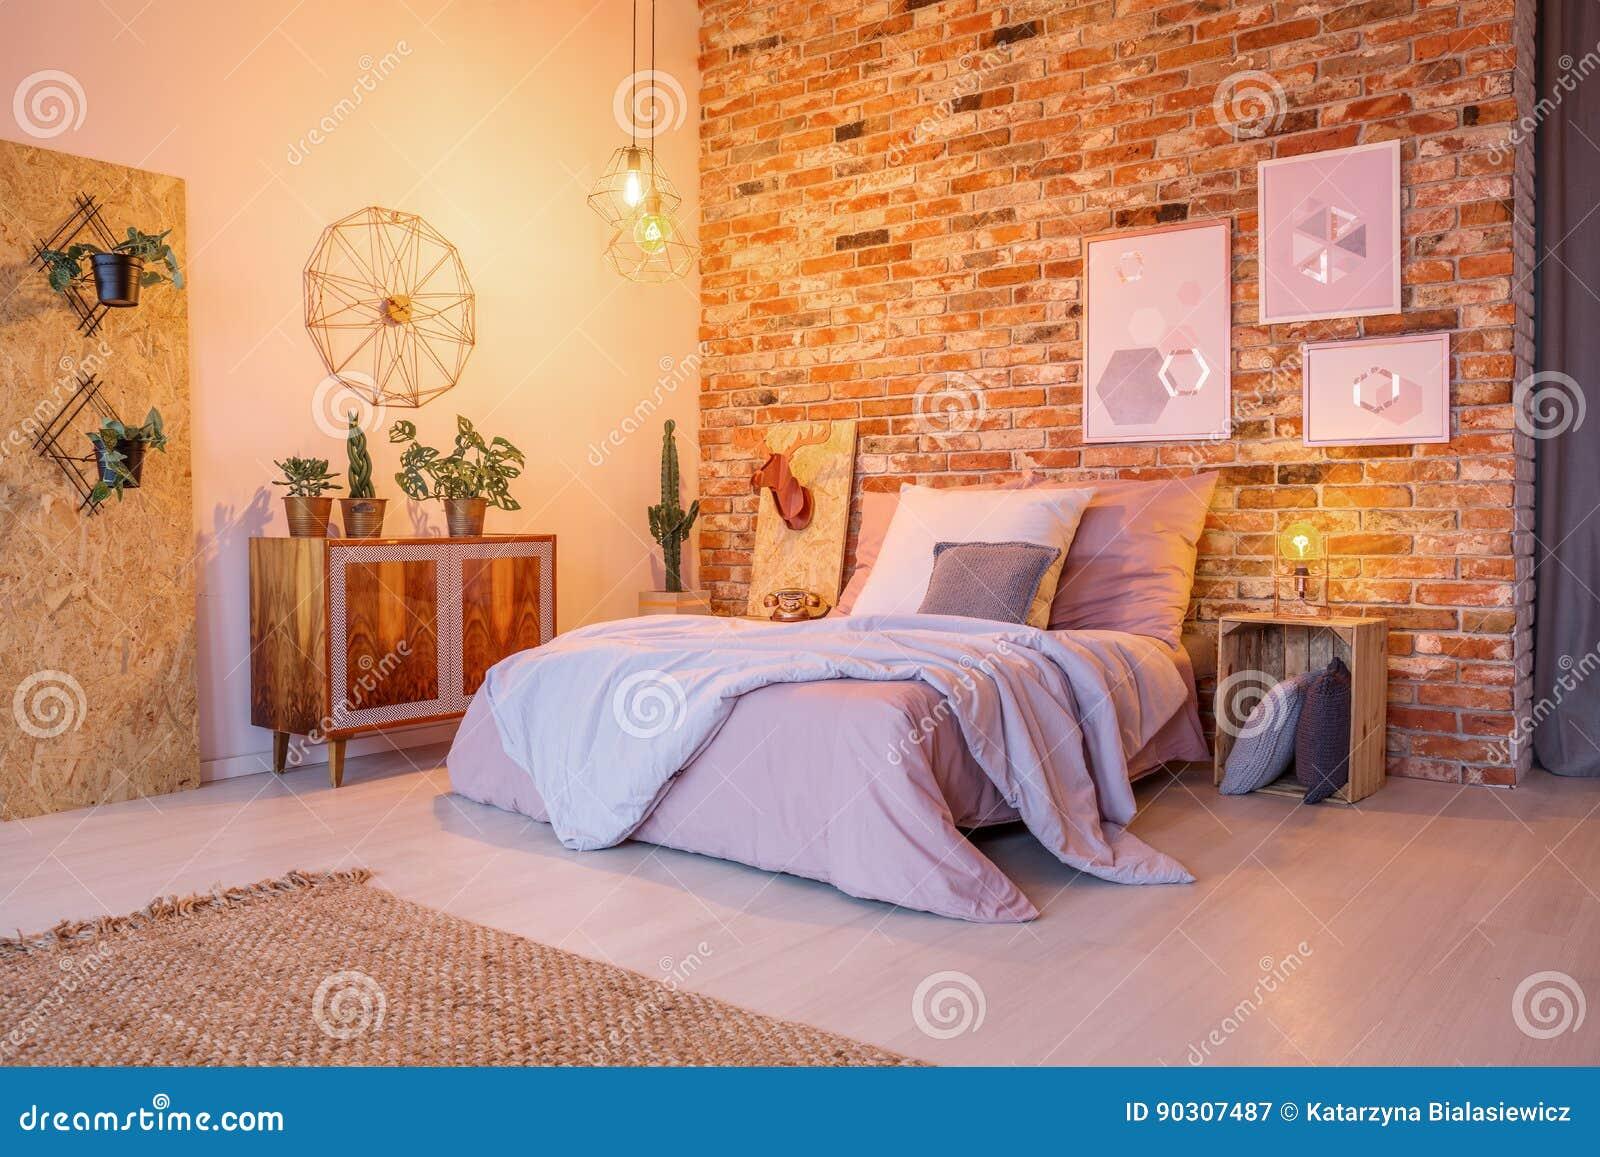 Sypialnia Z Drewnem I Cegłą Obraz Stock Obraz Złożonej Z